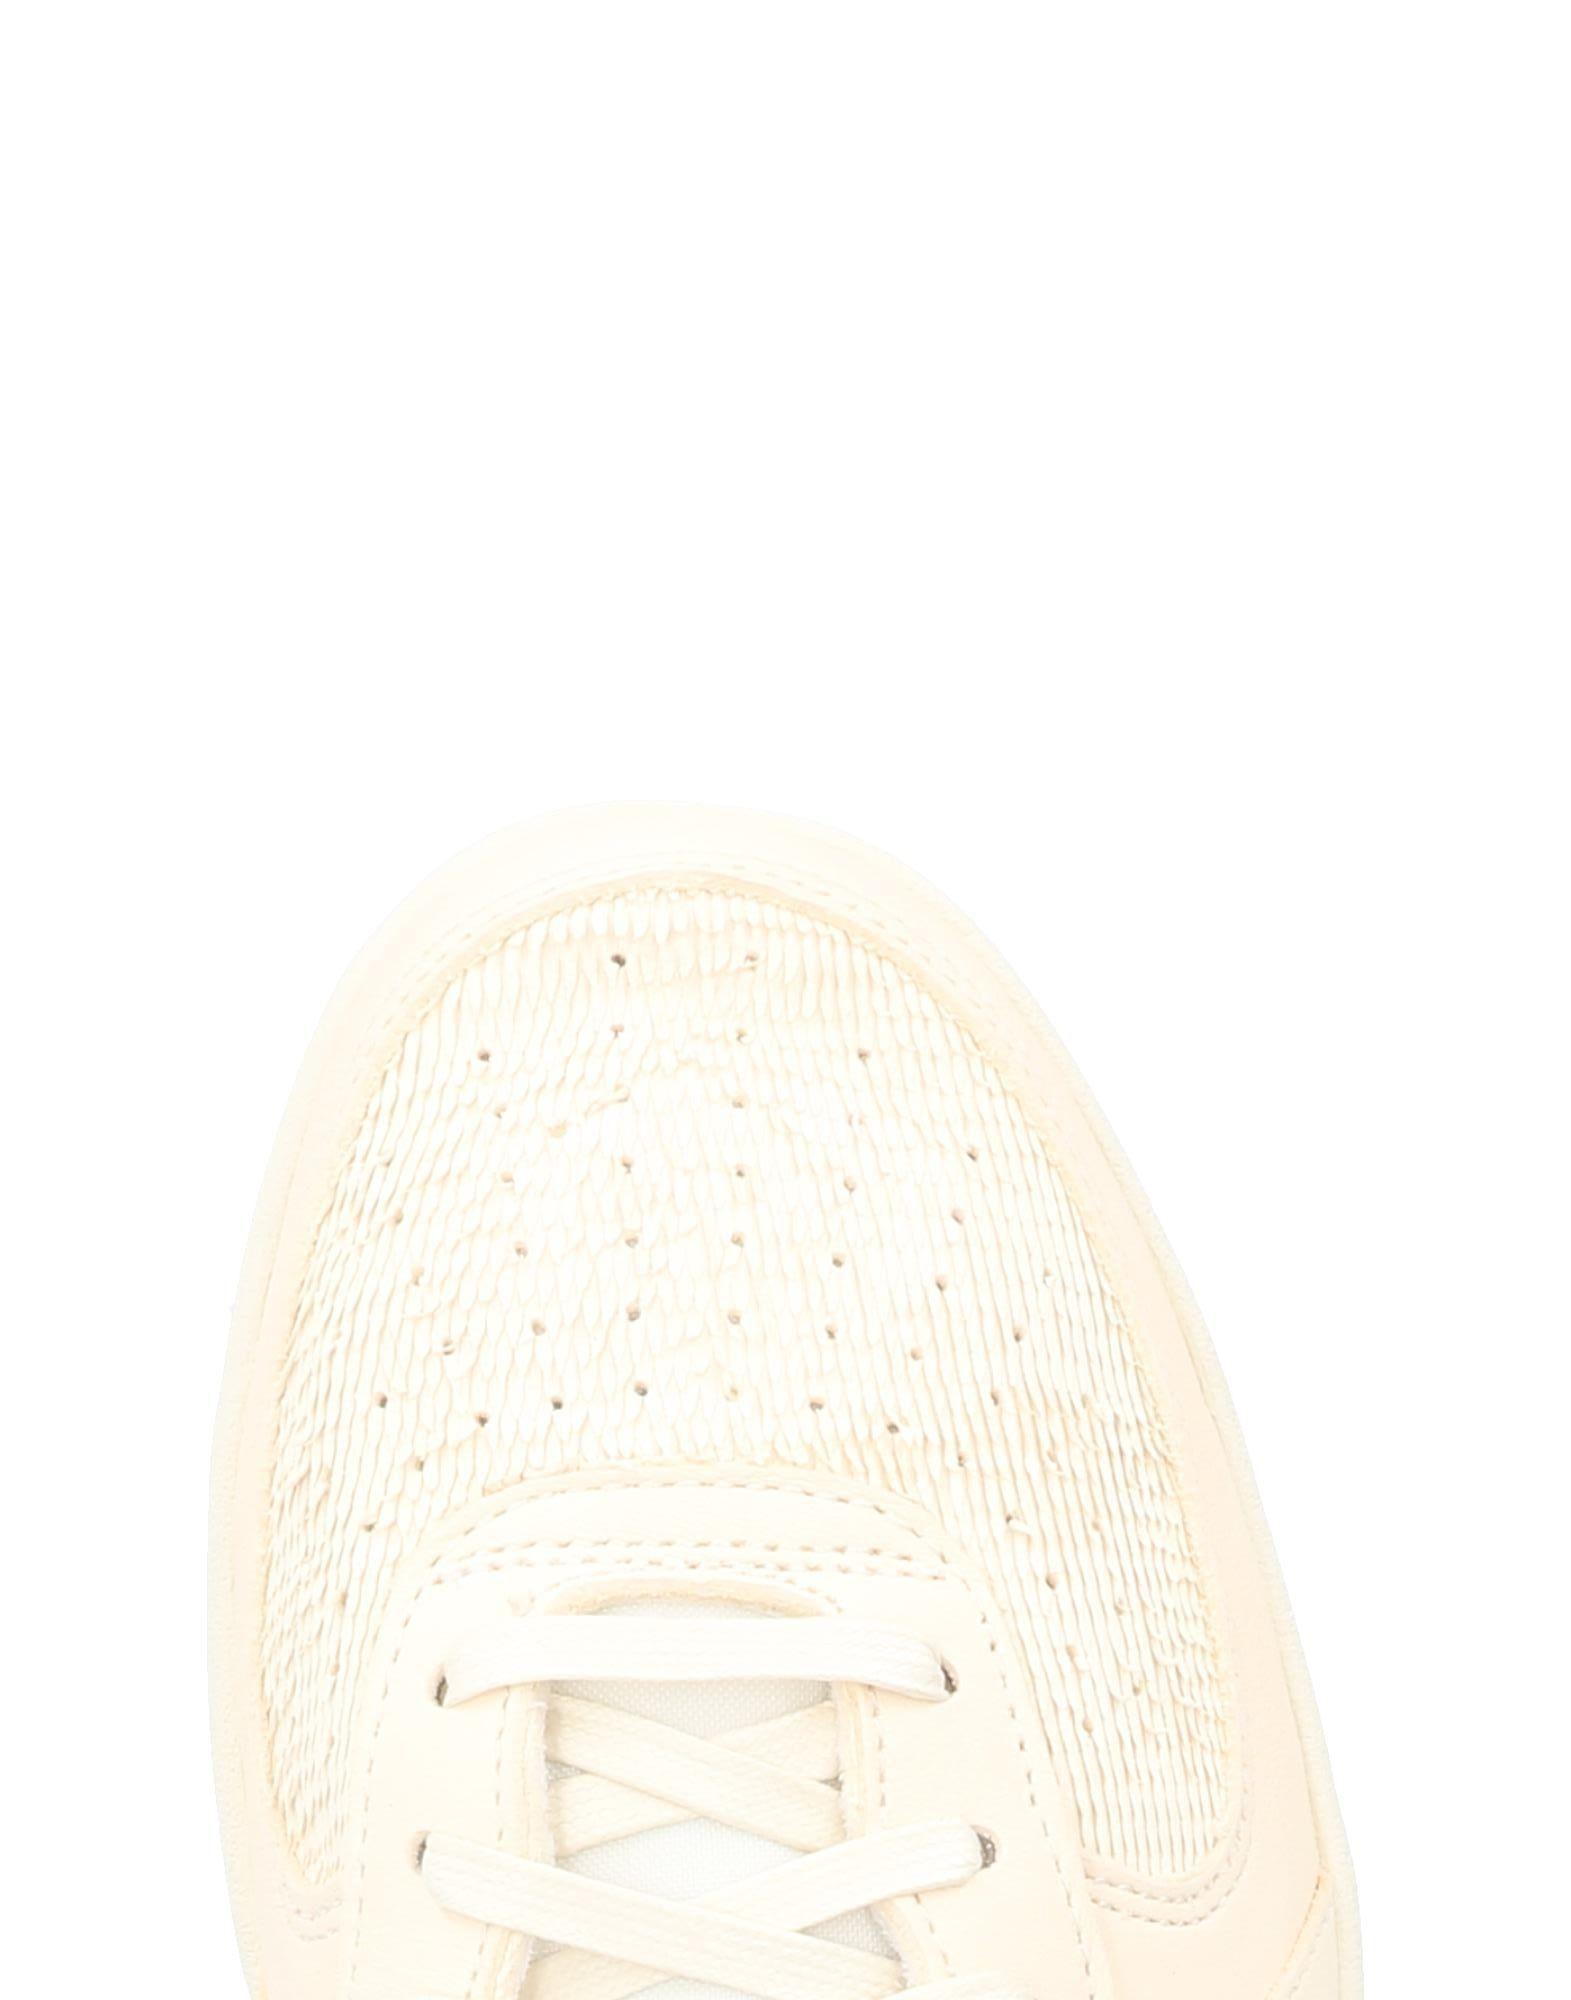 Rabatt echte Sneakers Schuhe Onitsuka Tiger Sneakers echte Herren  11457836NI 4e3409